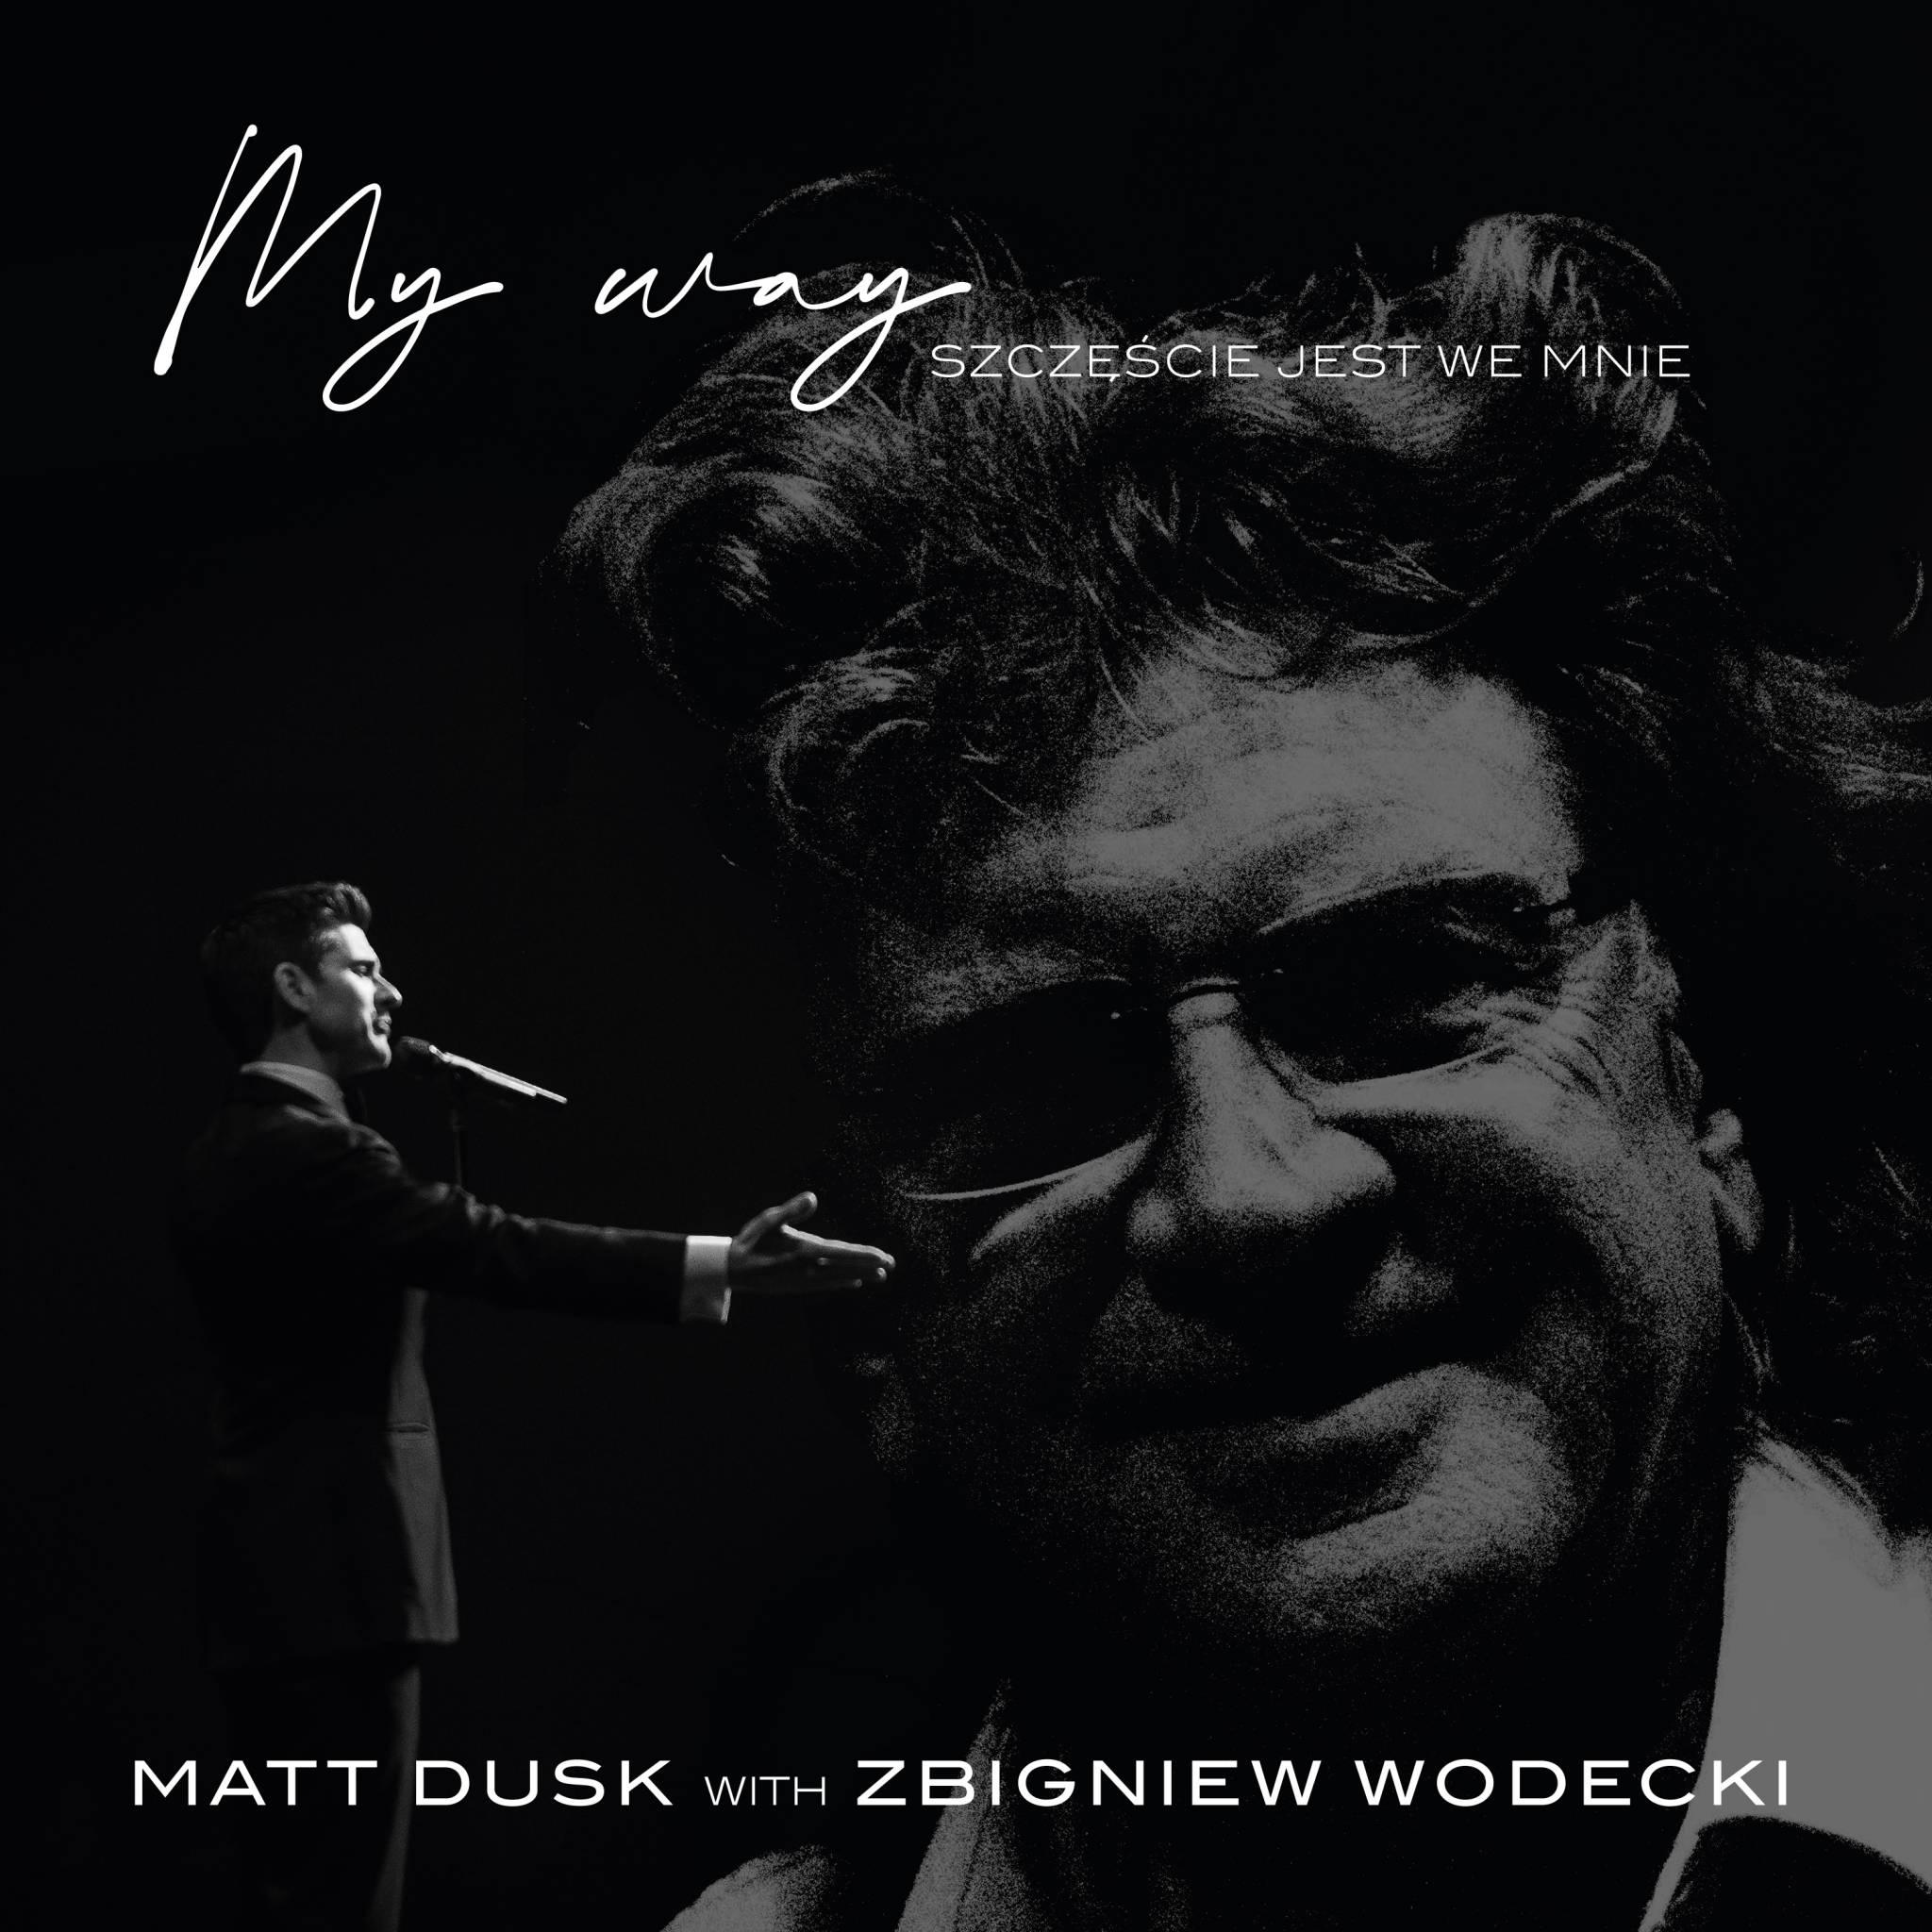 Matt Dusk i Zbigniewa Wodeckiego - niezwykły duet na urodziny mistrza